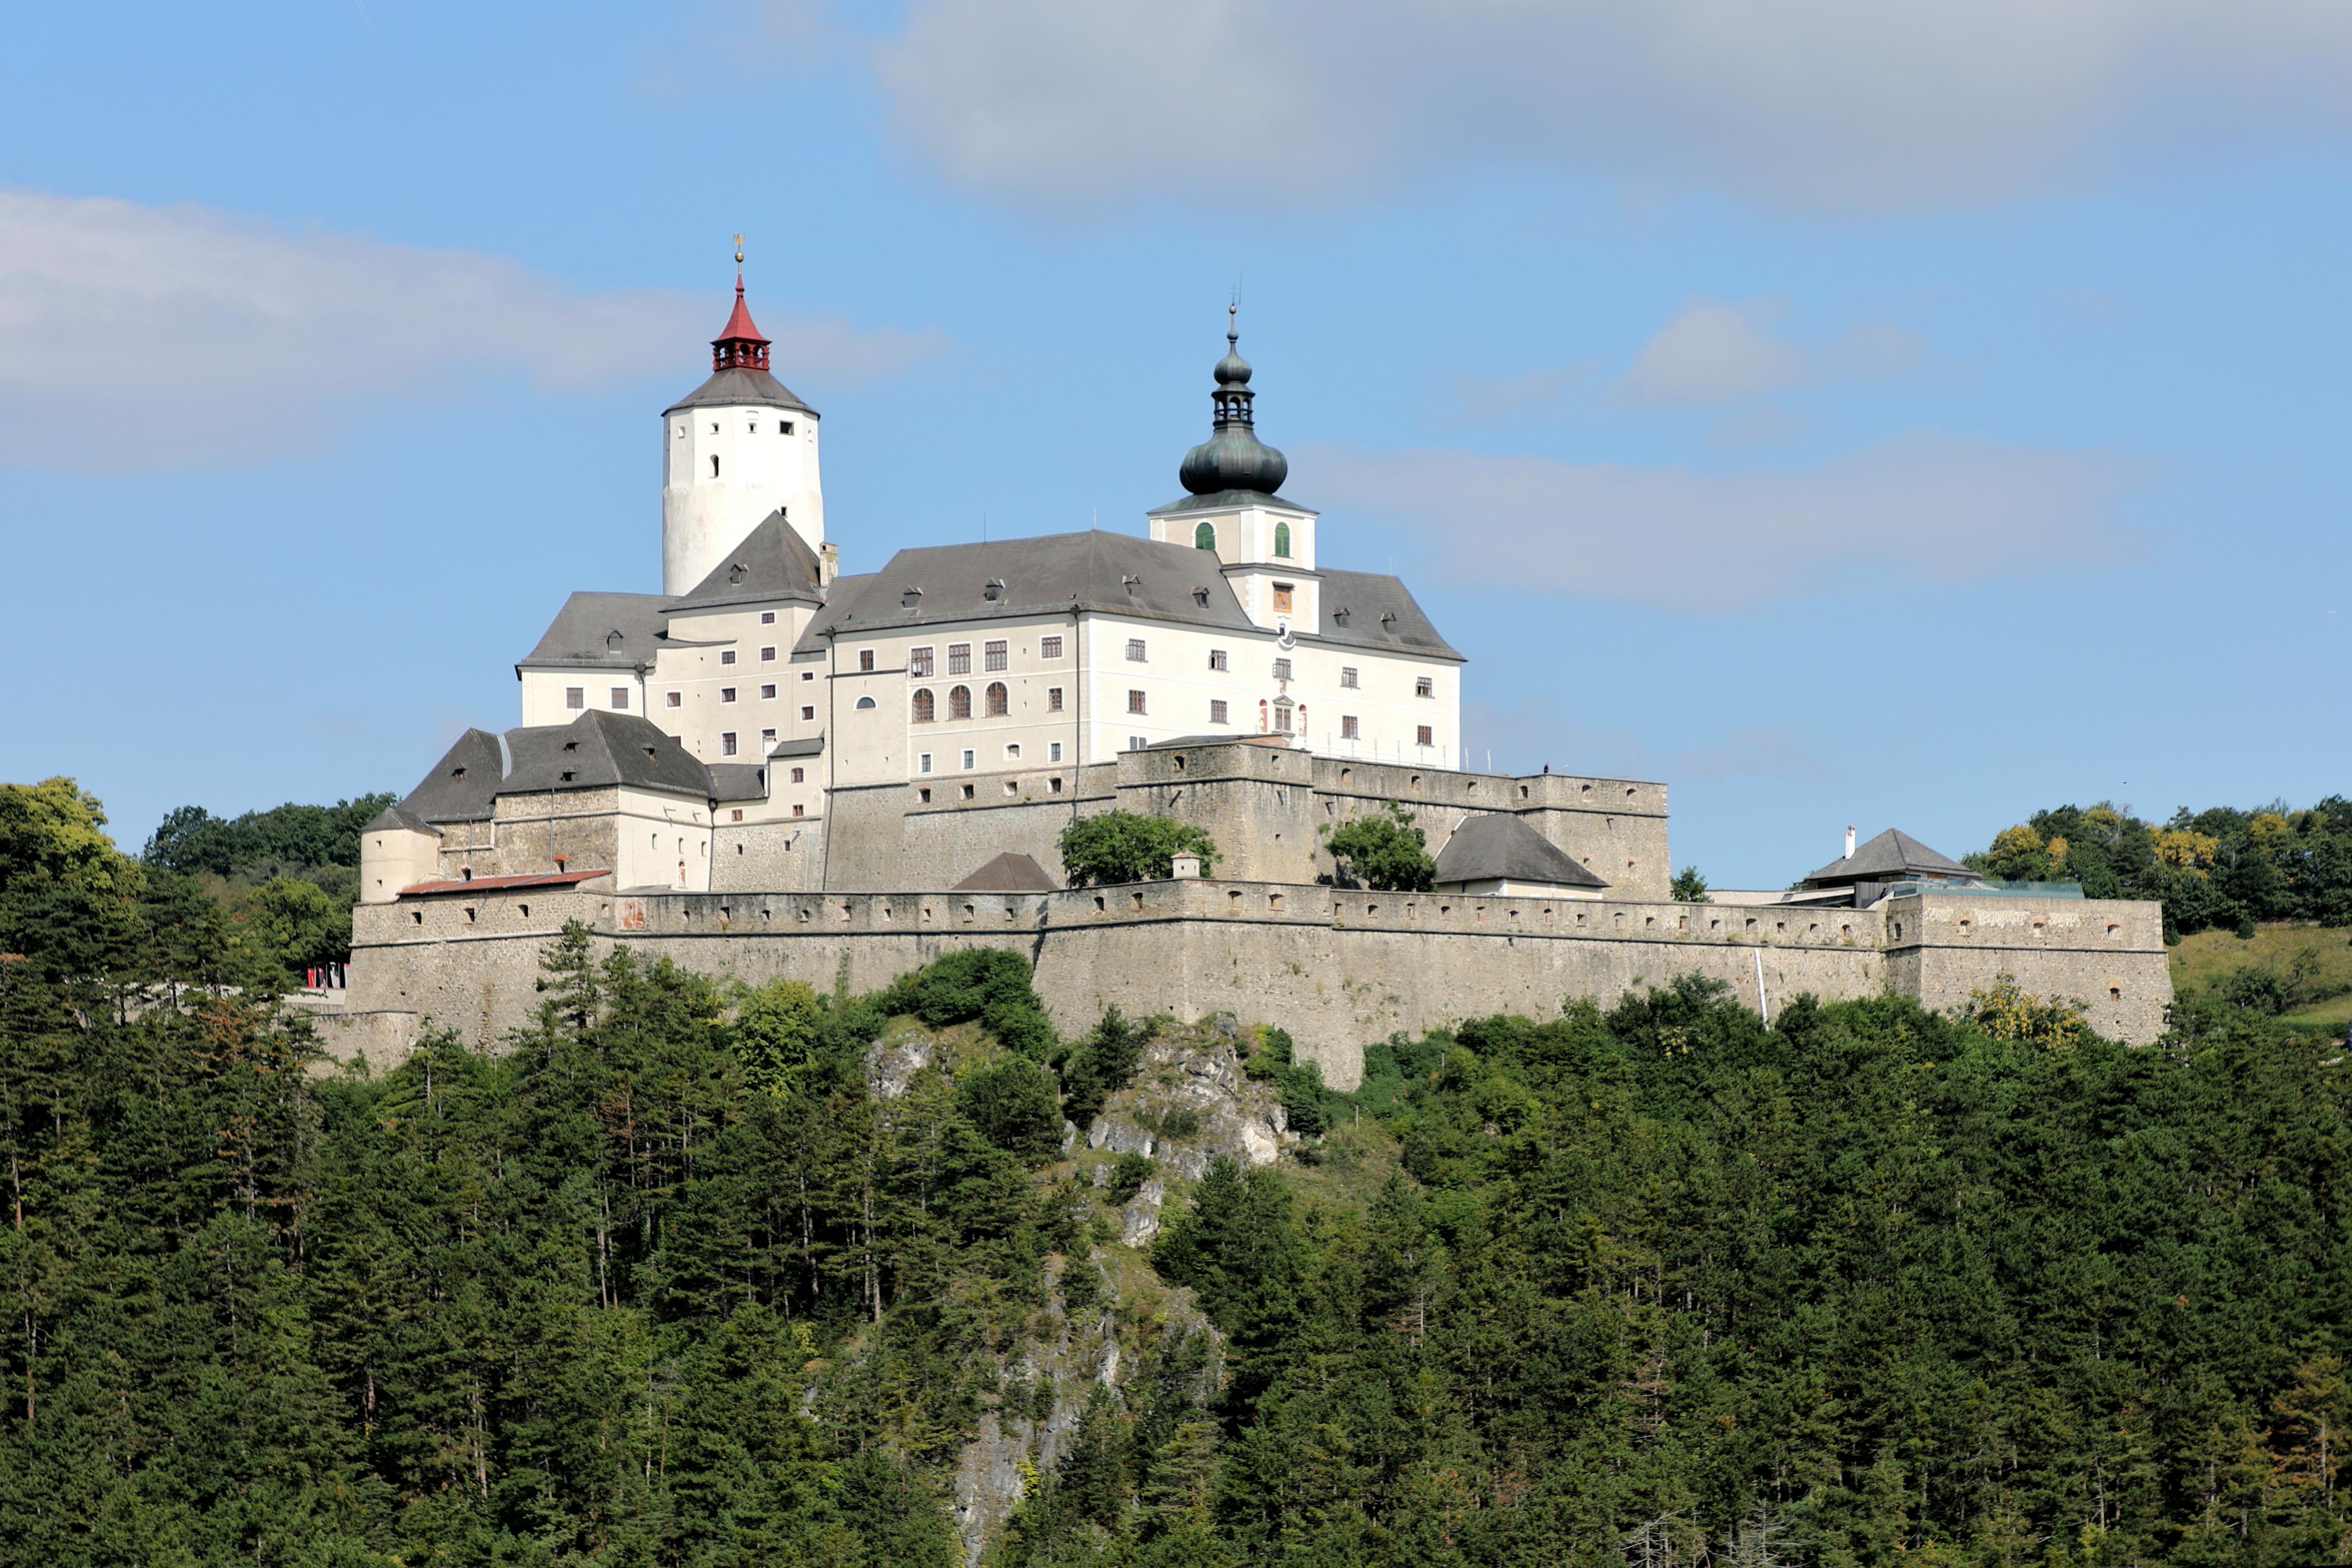 Silvesterwanderung in Forchtenstein - Mattersburg